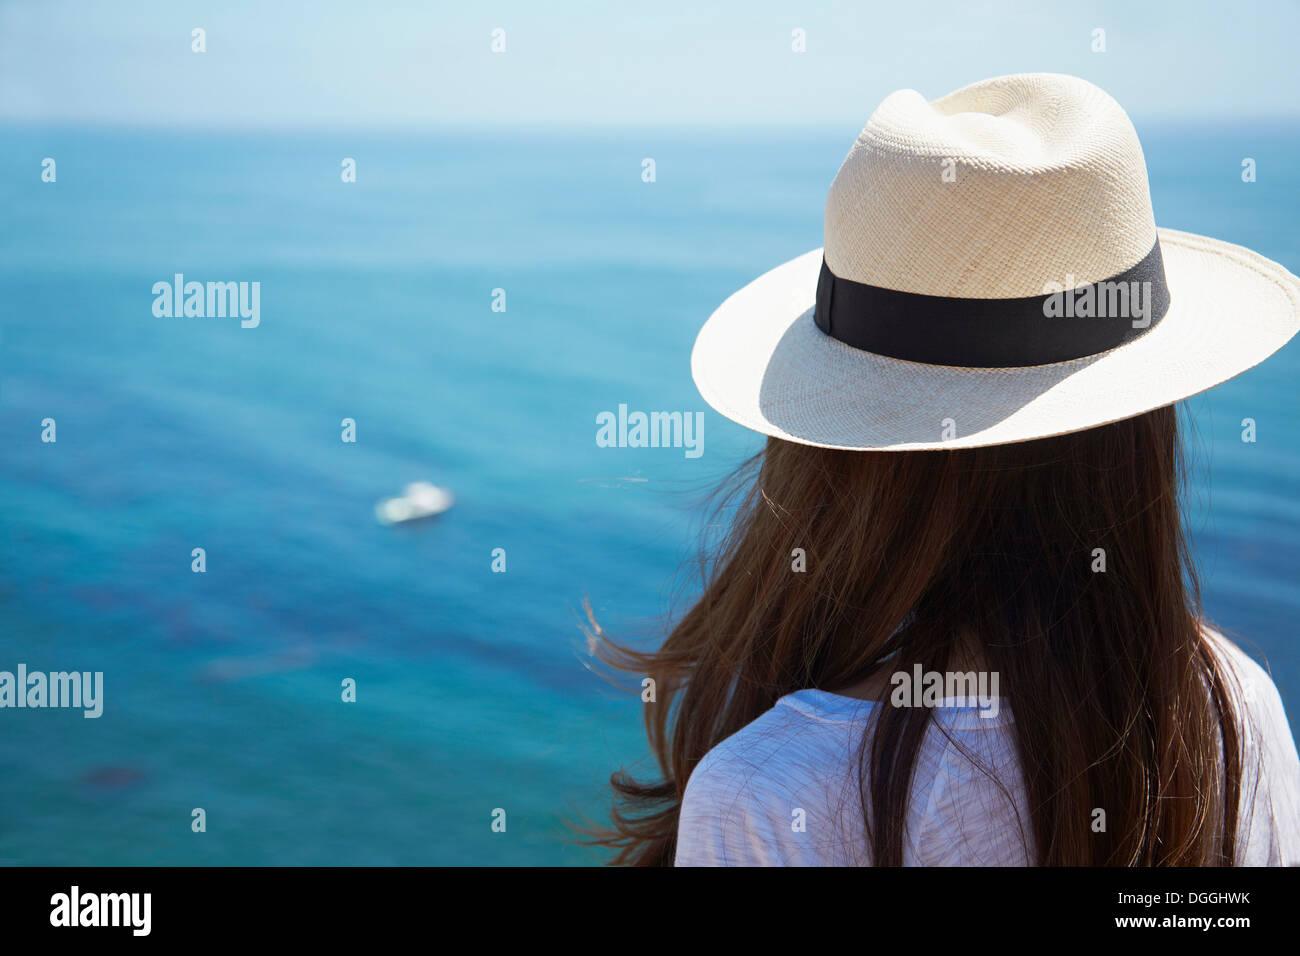 Junge Frau mit Blick auf See, Palos Verdes, Kalifornien, USA Stockbild